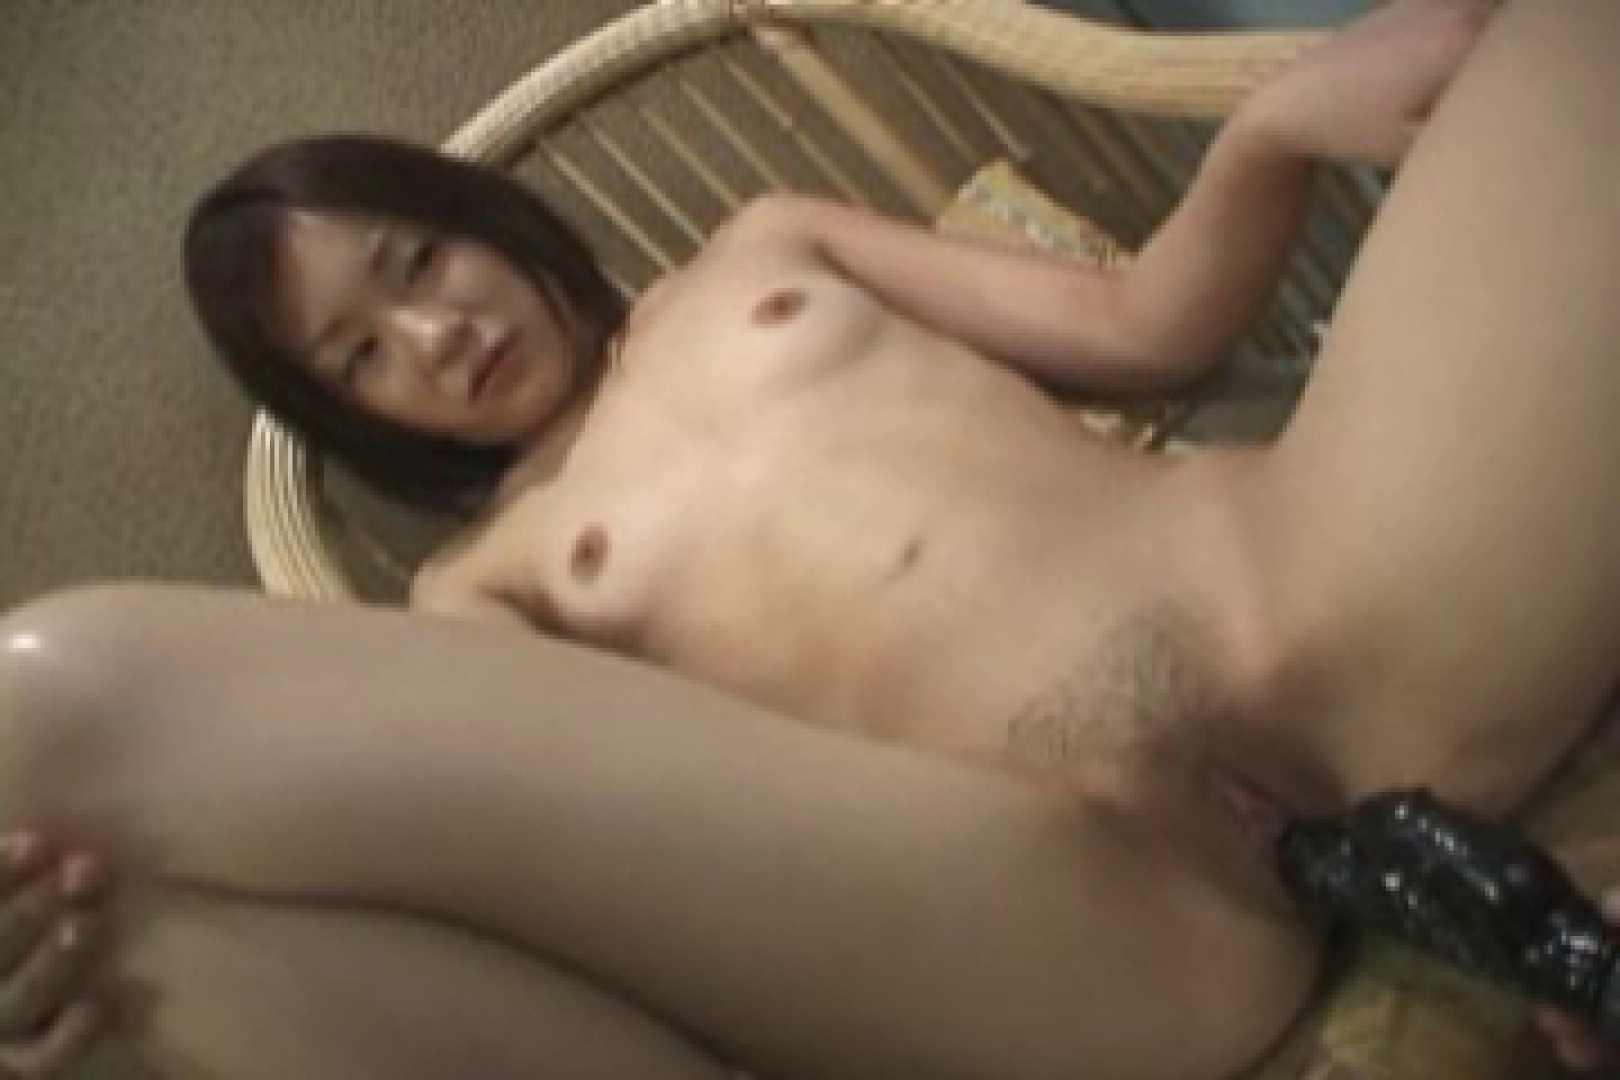 素人嬢126人のハメ撮り 小松奈緒 メーカー直接買い取り  94pic 76